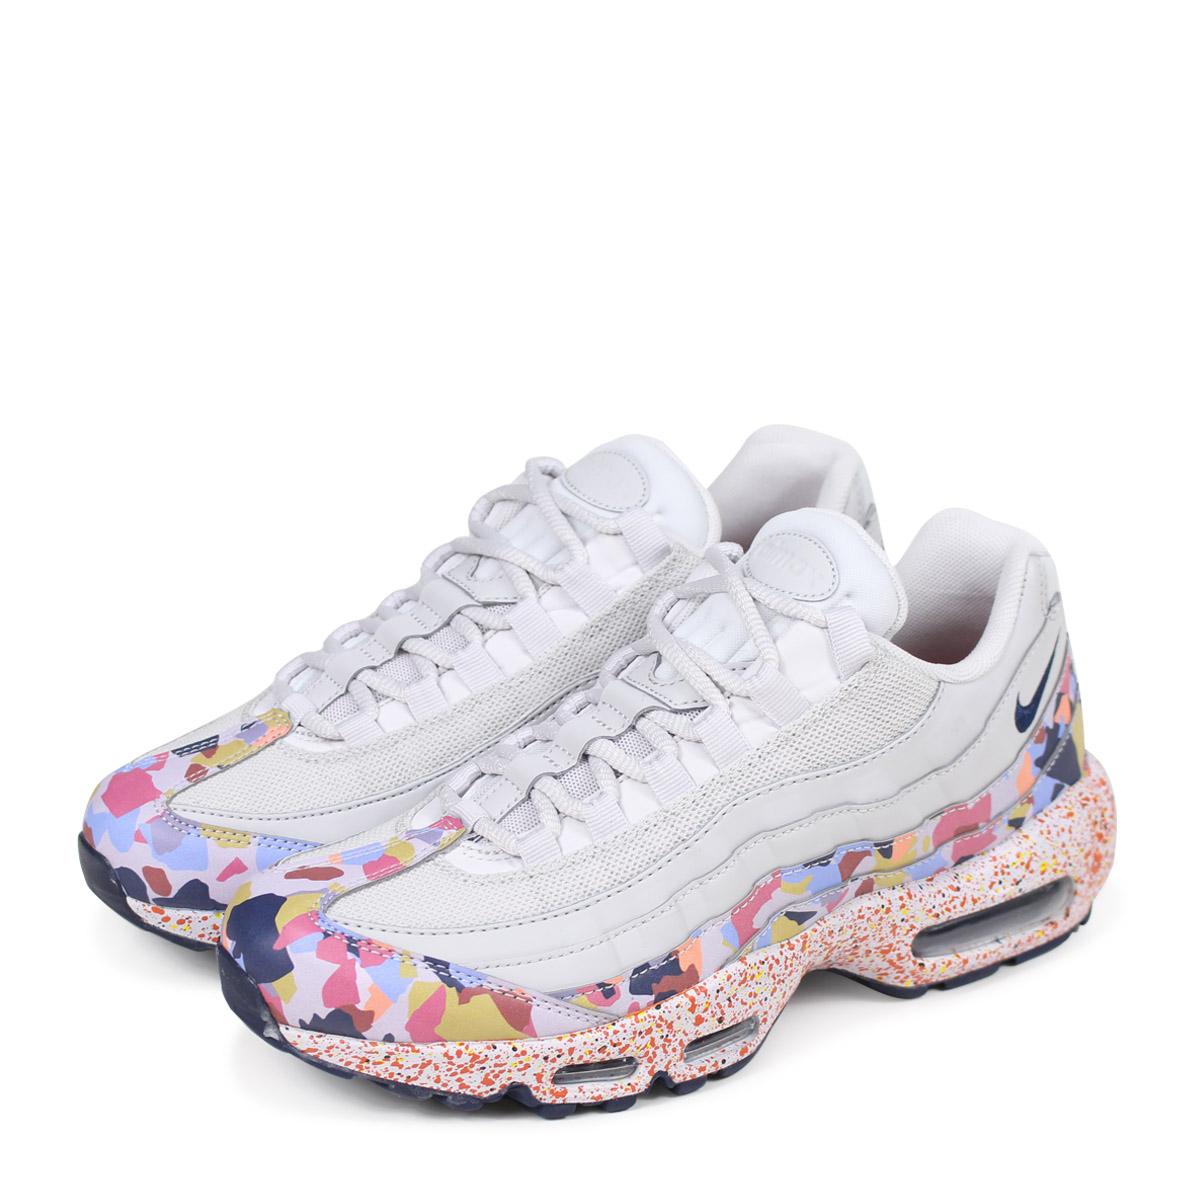 1a4867369d NIKE WMNS AIR MAX 95 SE Kie Ney AMAX 95 lady's men's sneakers 918,413-004  ...